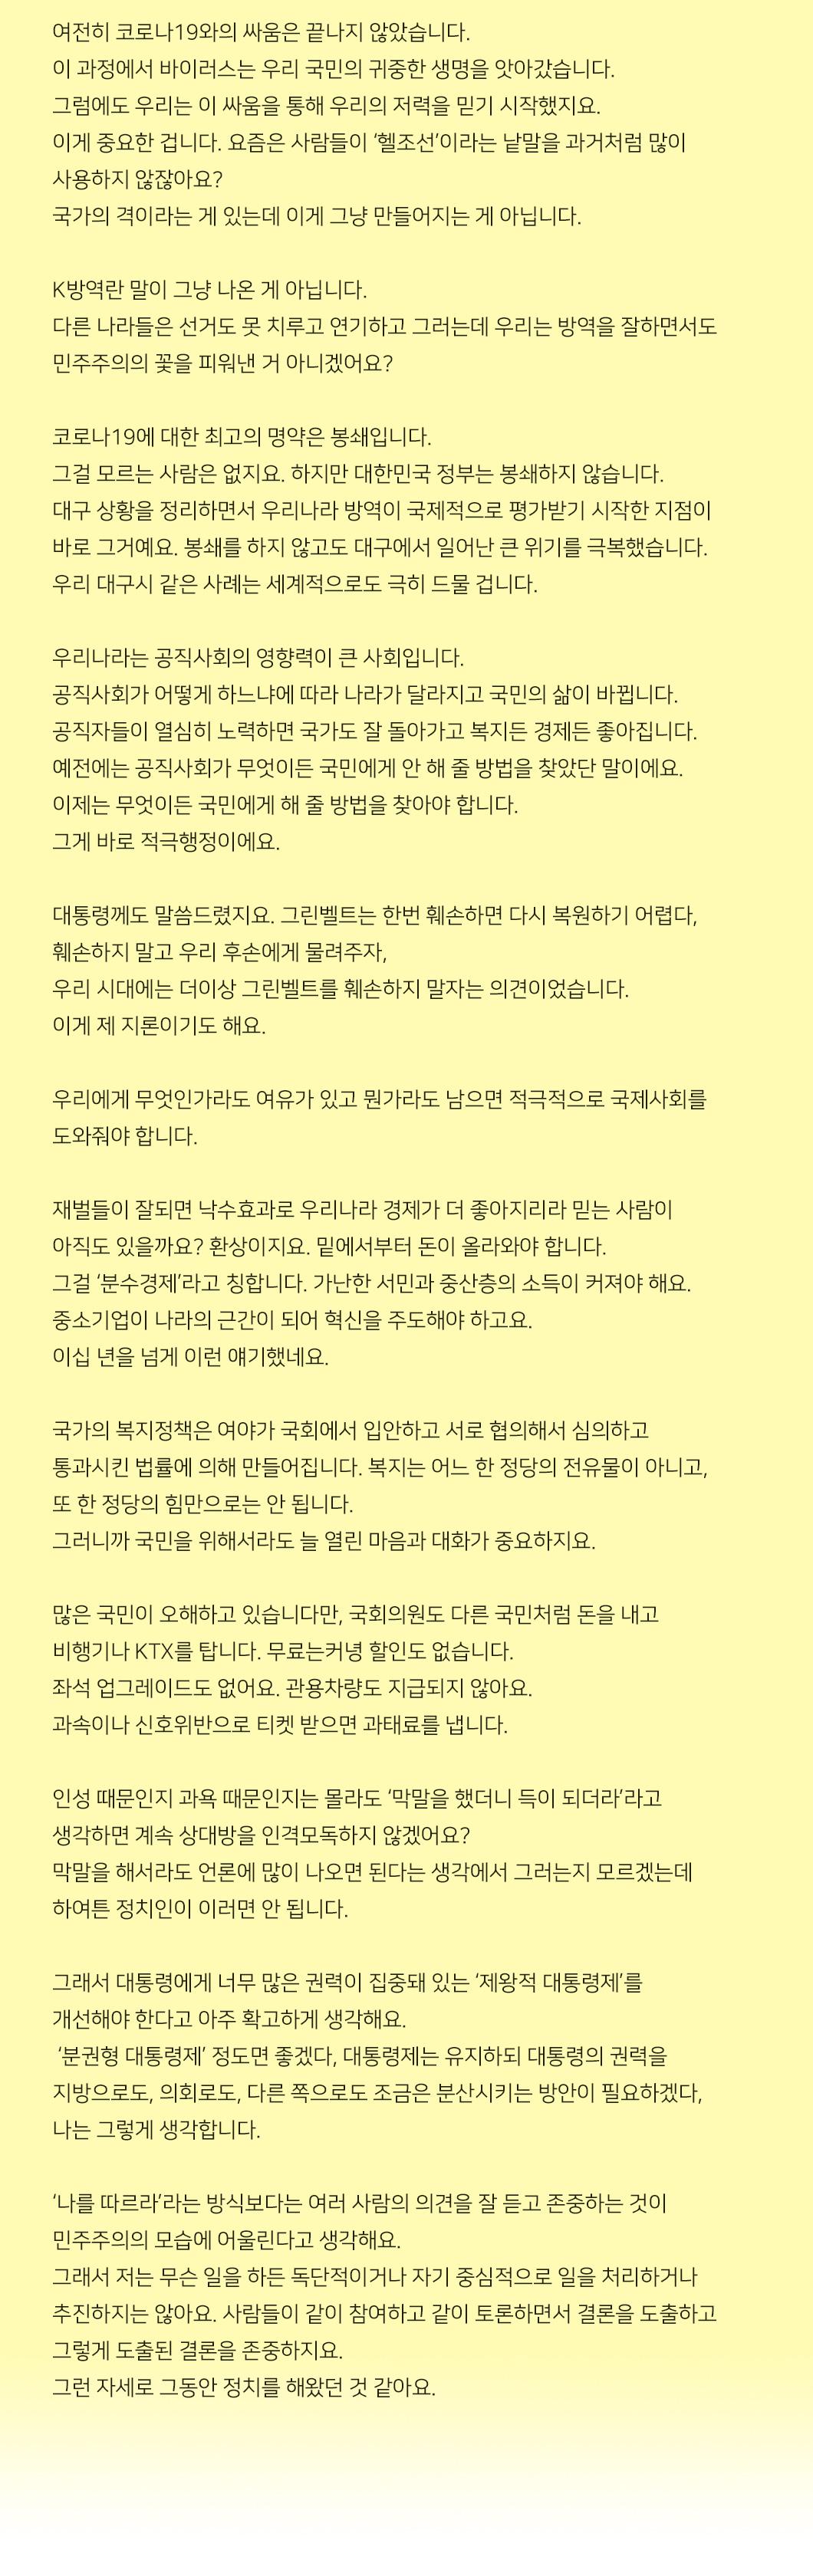 Essays_oneImage_06.jpg